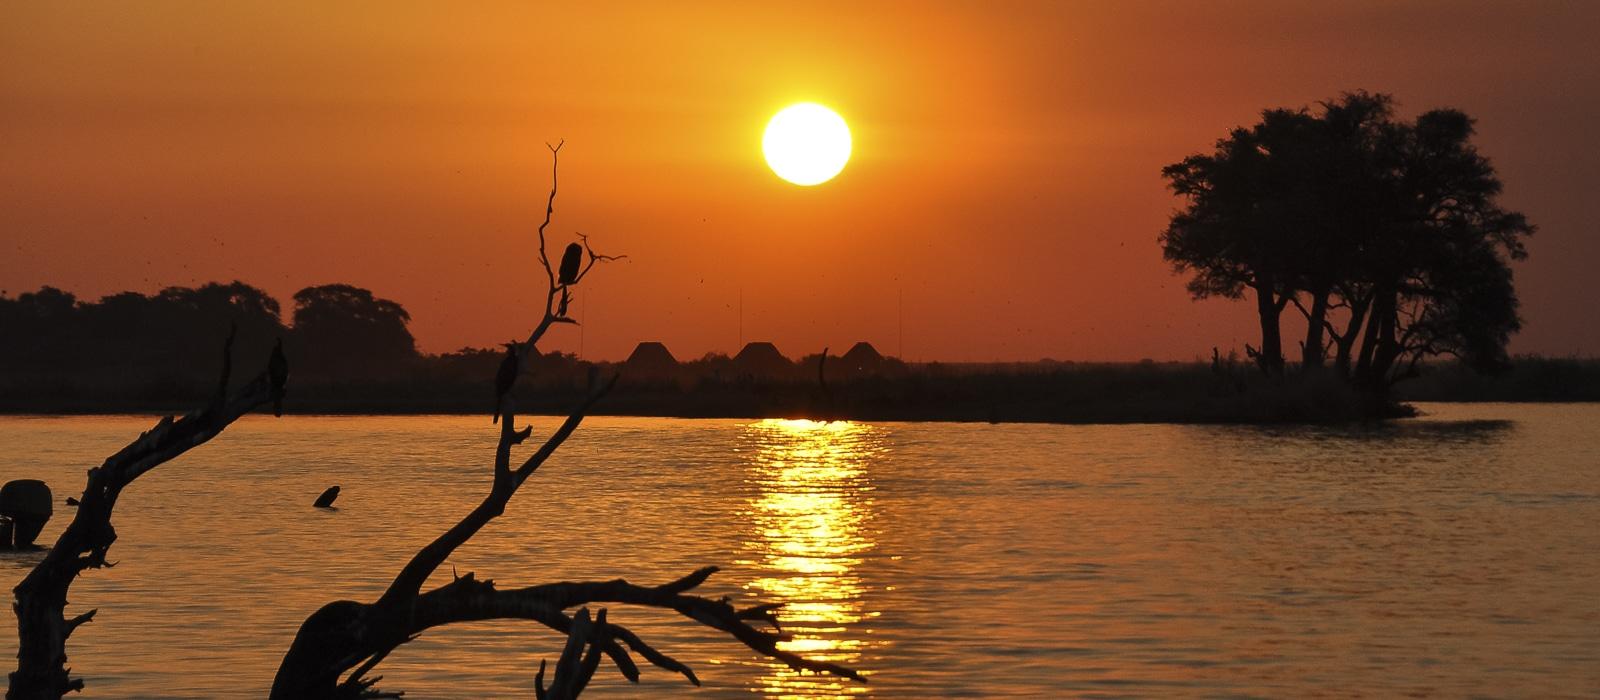 Voyage organisé en petit groupe - Chobe - Botswana - Agence de voyage Les Routes du Monde